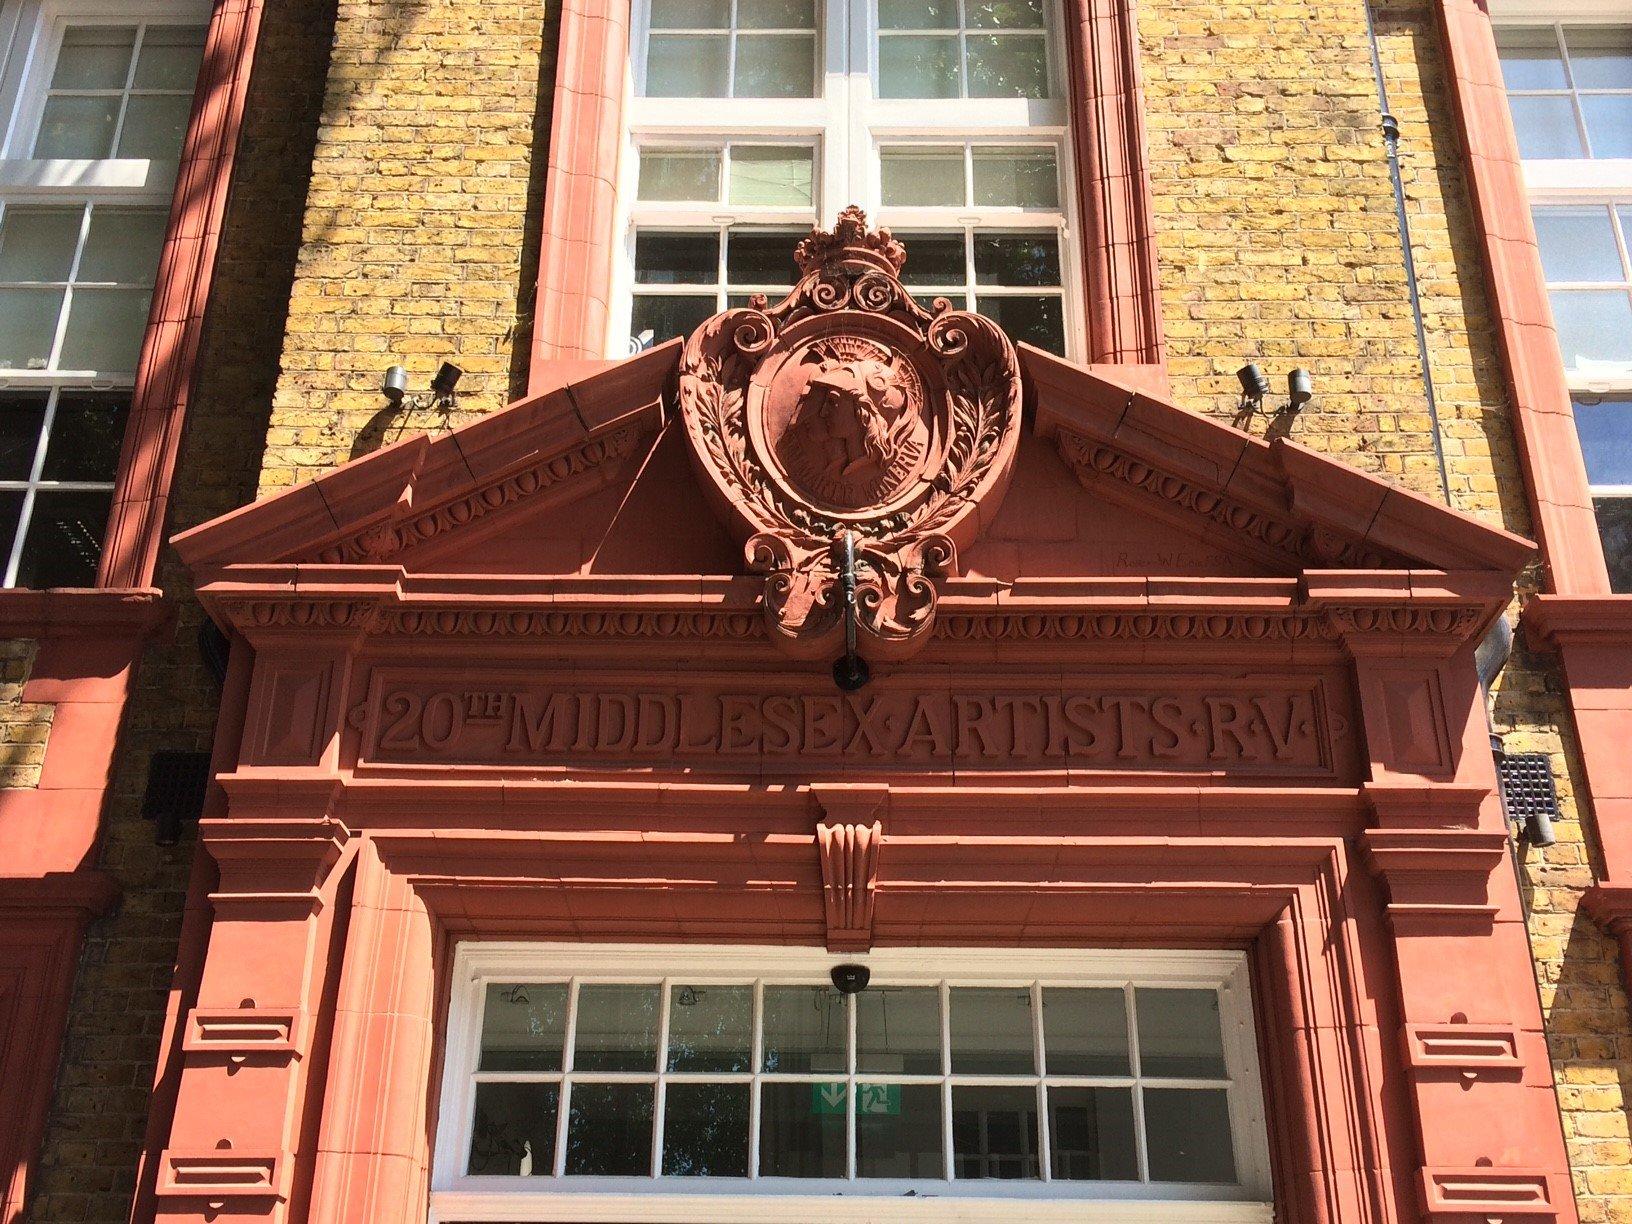 Doorway To Artists' Rifles